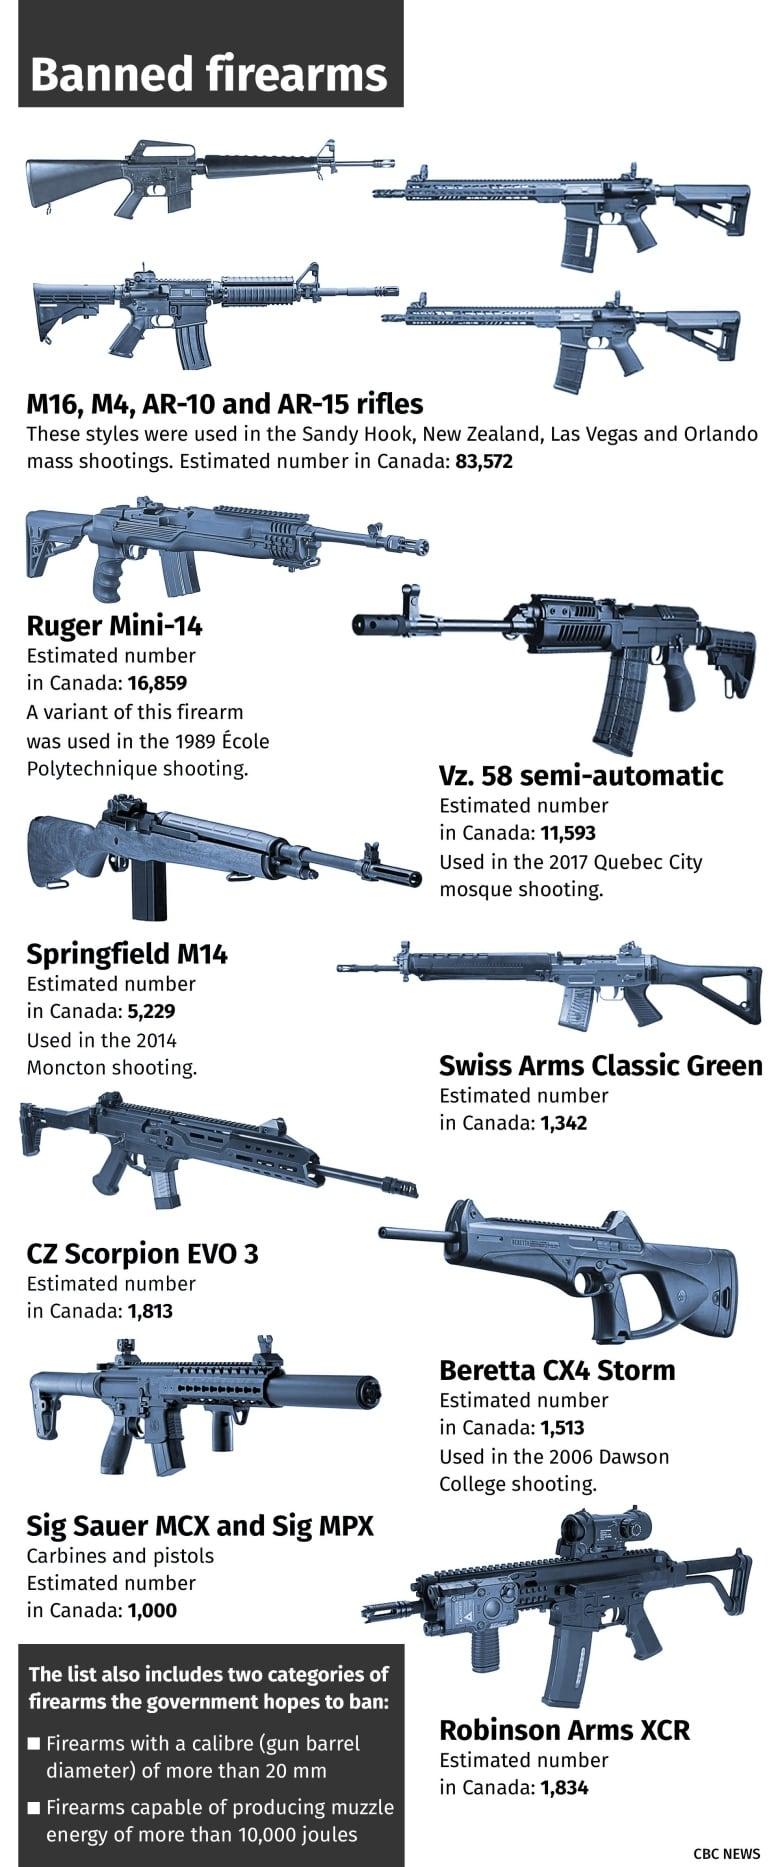 newly-banned-firearms-in-canada.jpg